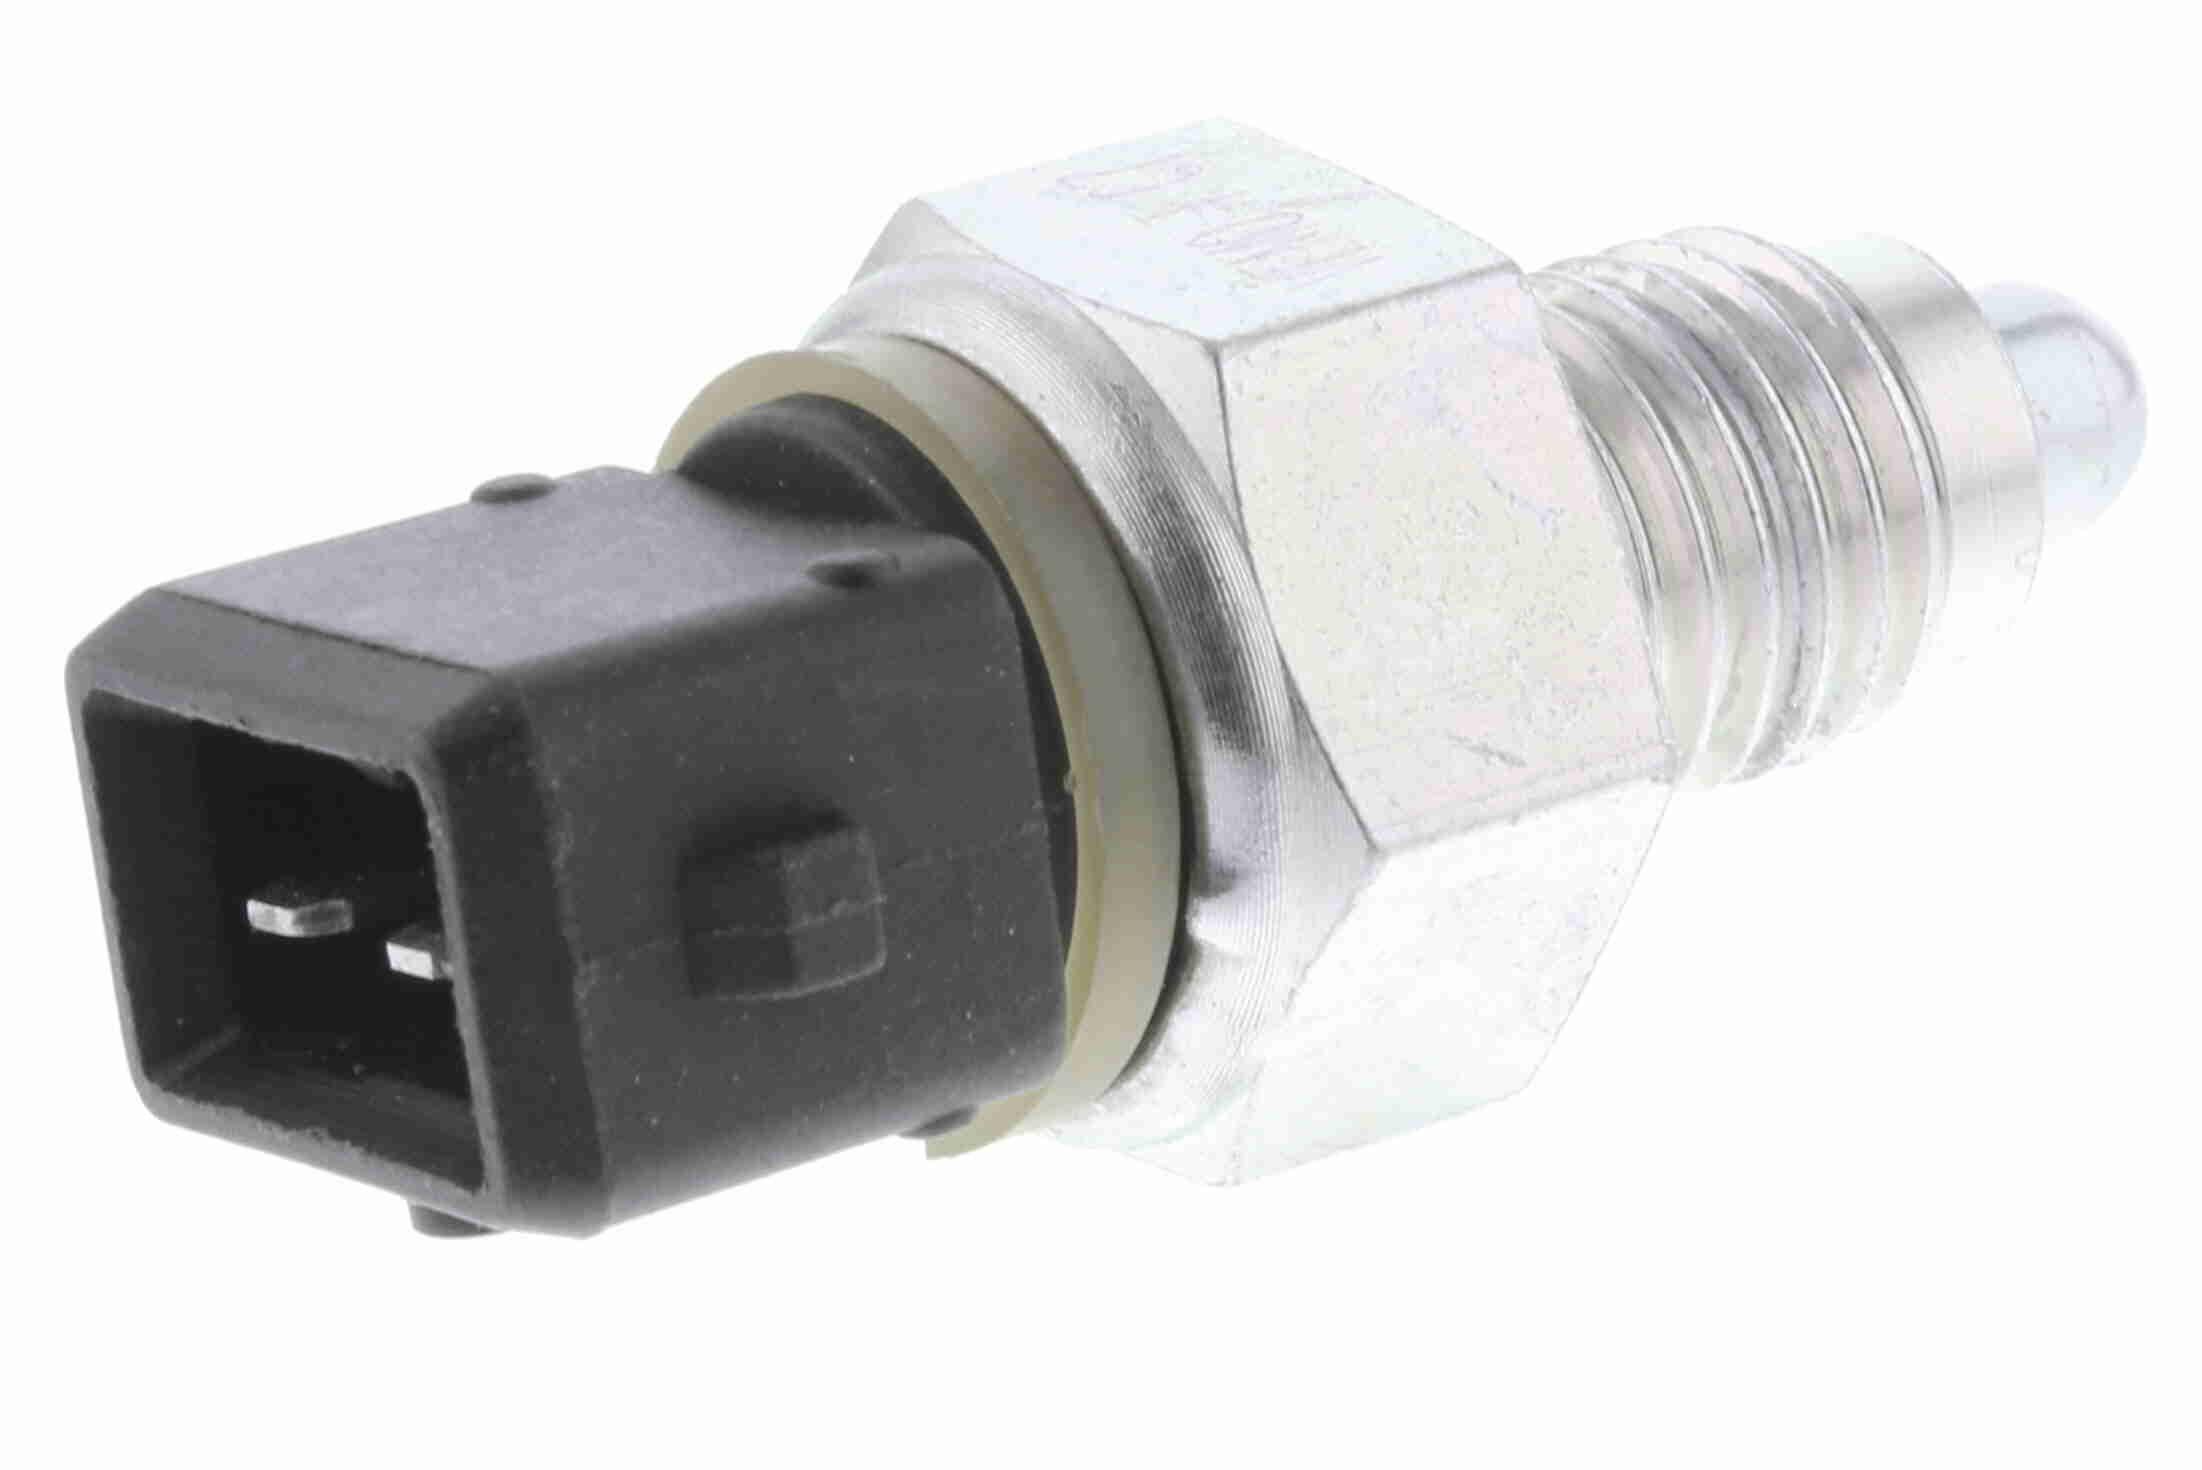 VEMO: Original Schalter Rückfahrleuchte V20-73-0080 (Pol-Anzahl: 2-polig)